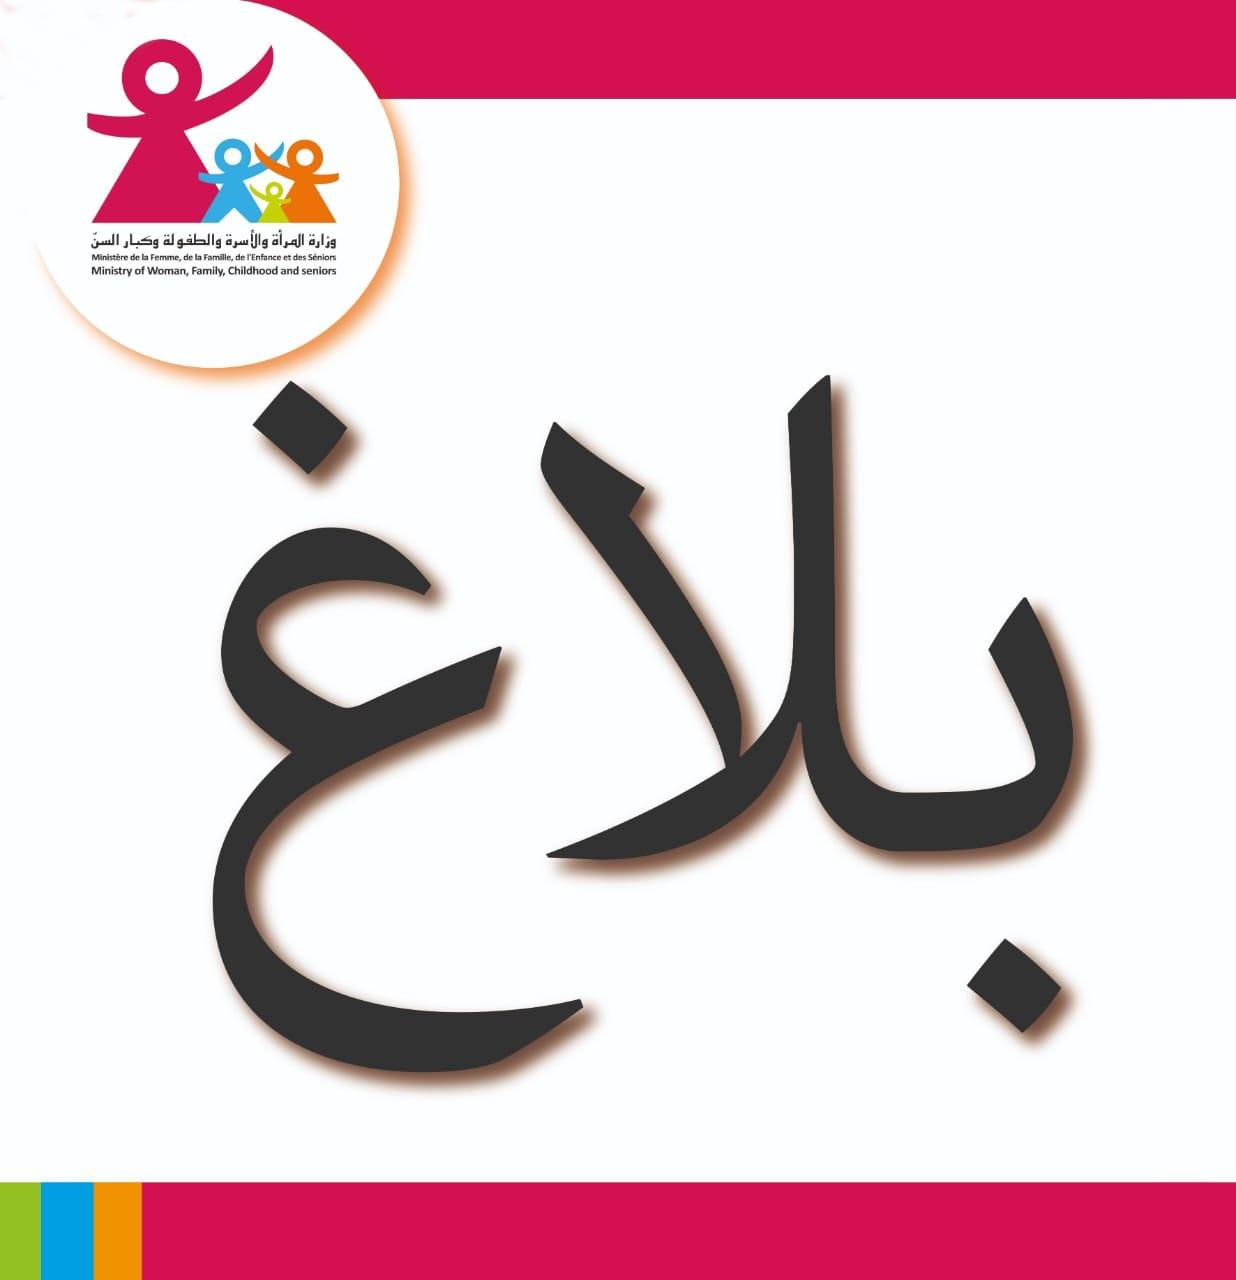 وزارة المرأة والأسرة وكبار السن: تعليق نشاط رياض ومحاضن الأطفال والمحاضن المدرسية